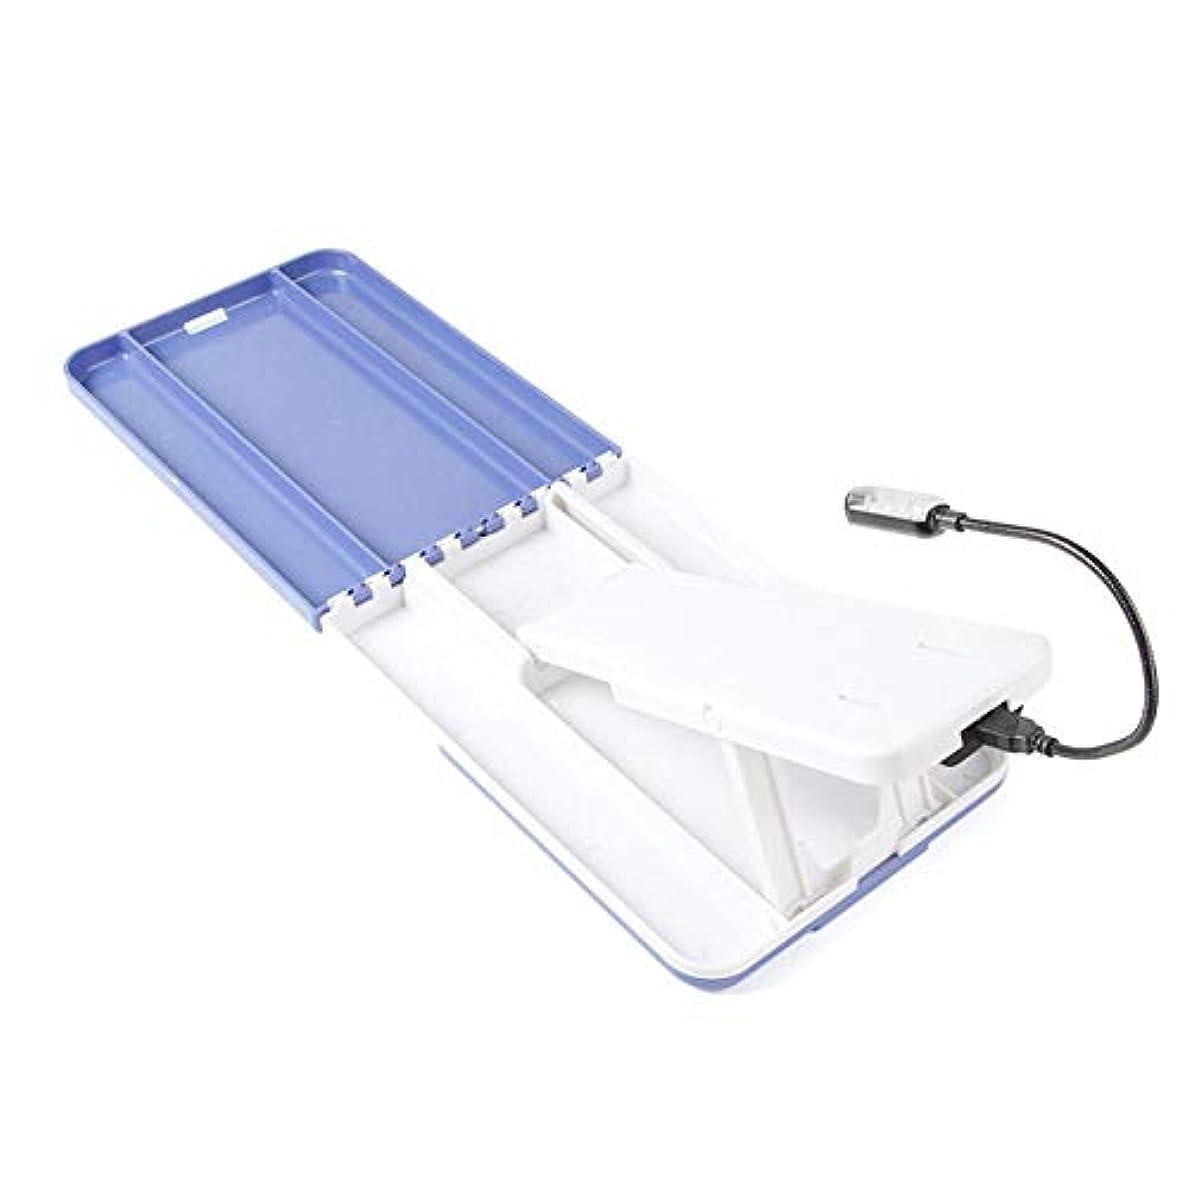 してはいけない疾患休憩するBETTER YOU (ベター ュー) トリムネイルツールボード、持ち運びが簡単、持ち運び、バッテリー付属